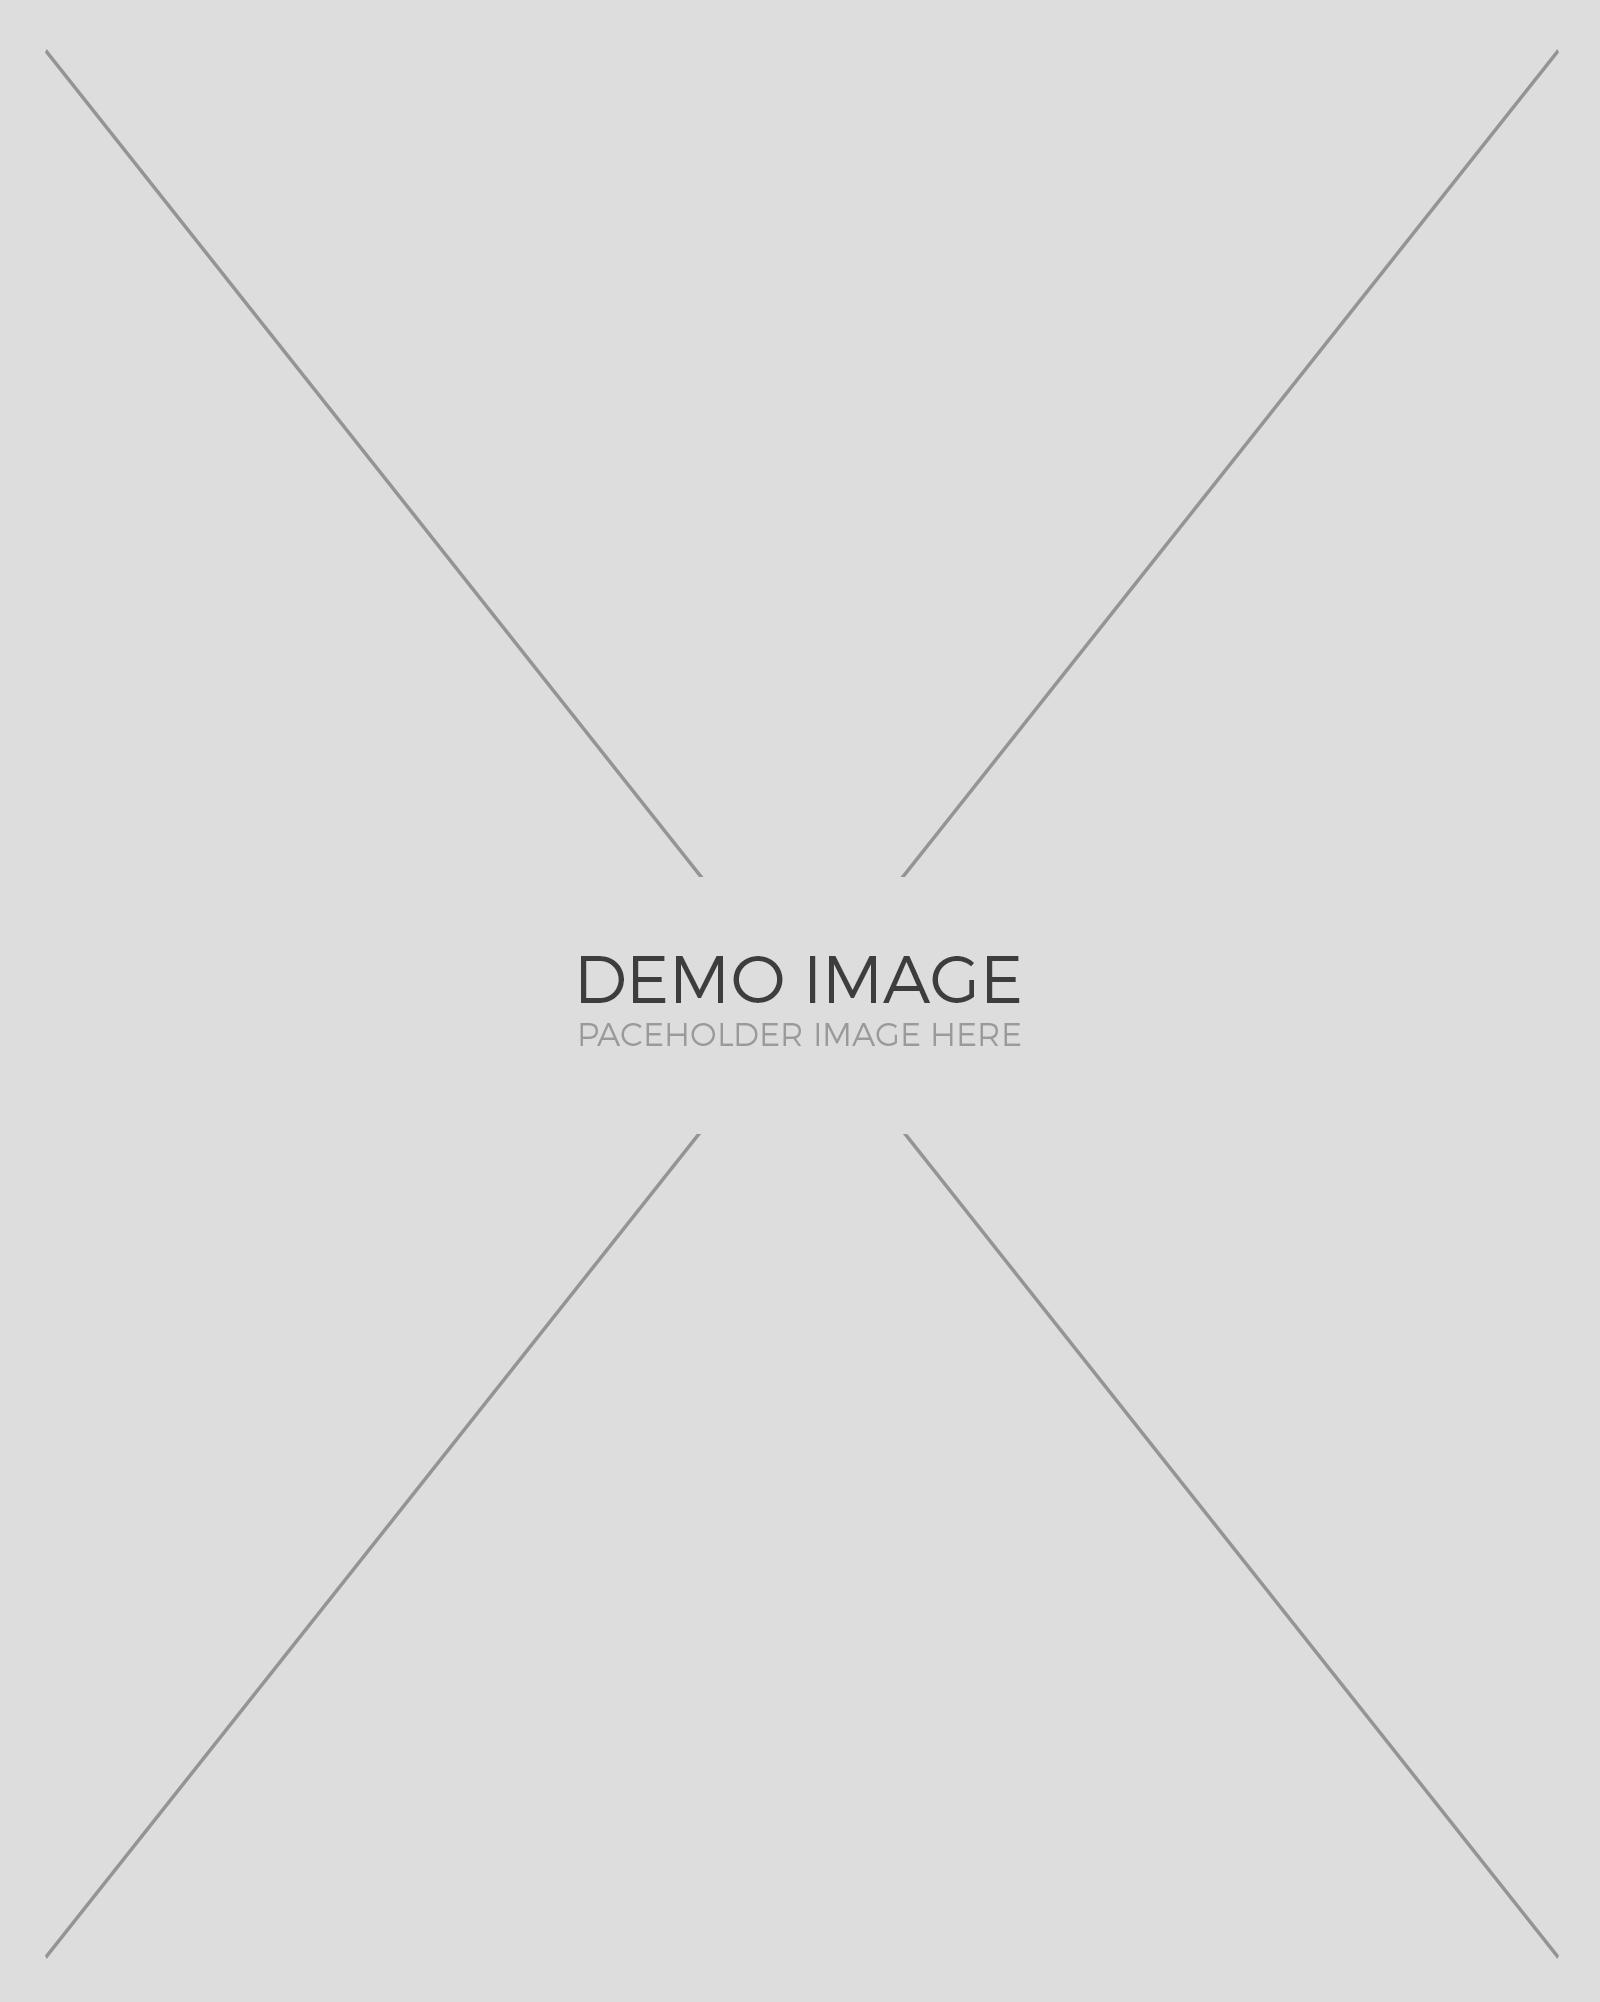 demo-img-3 3